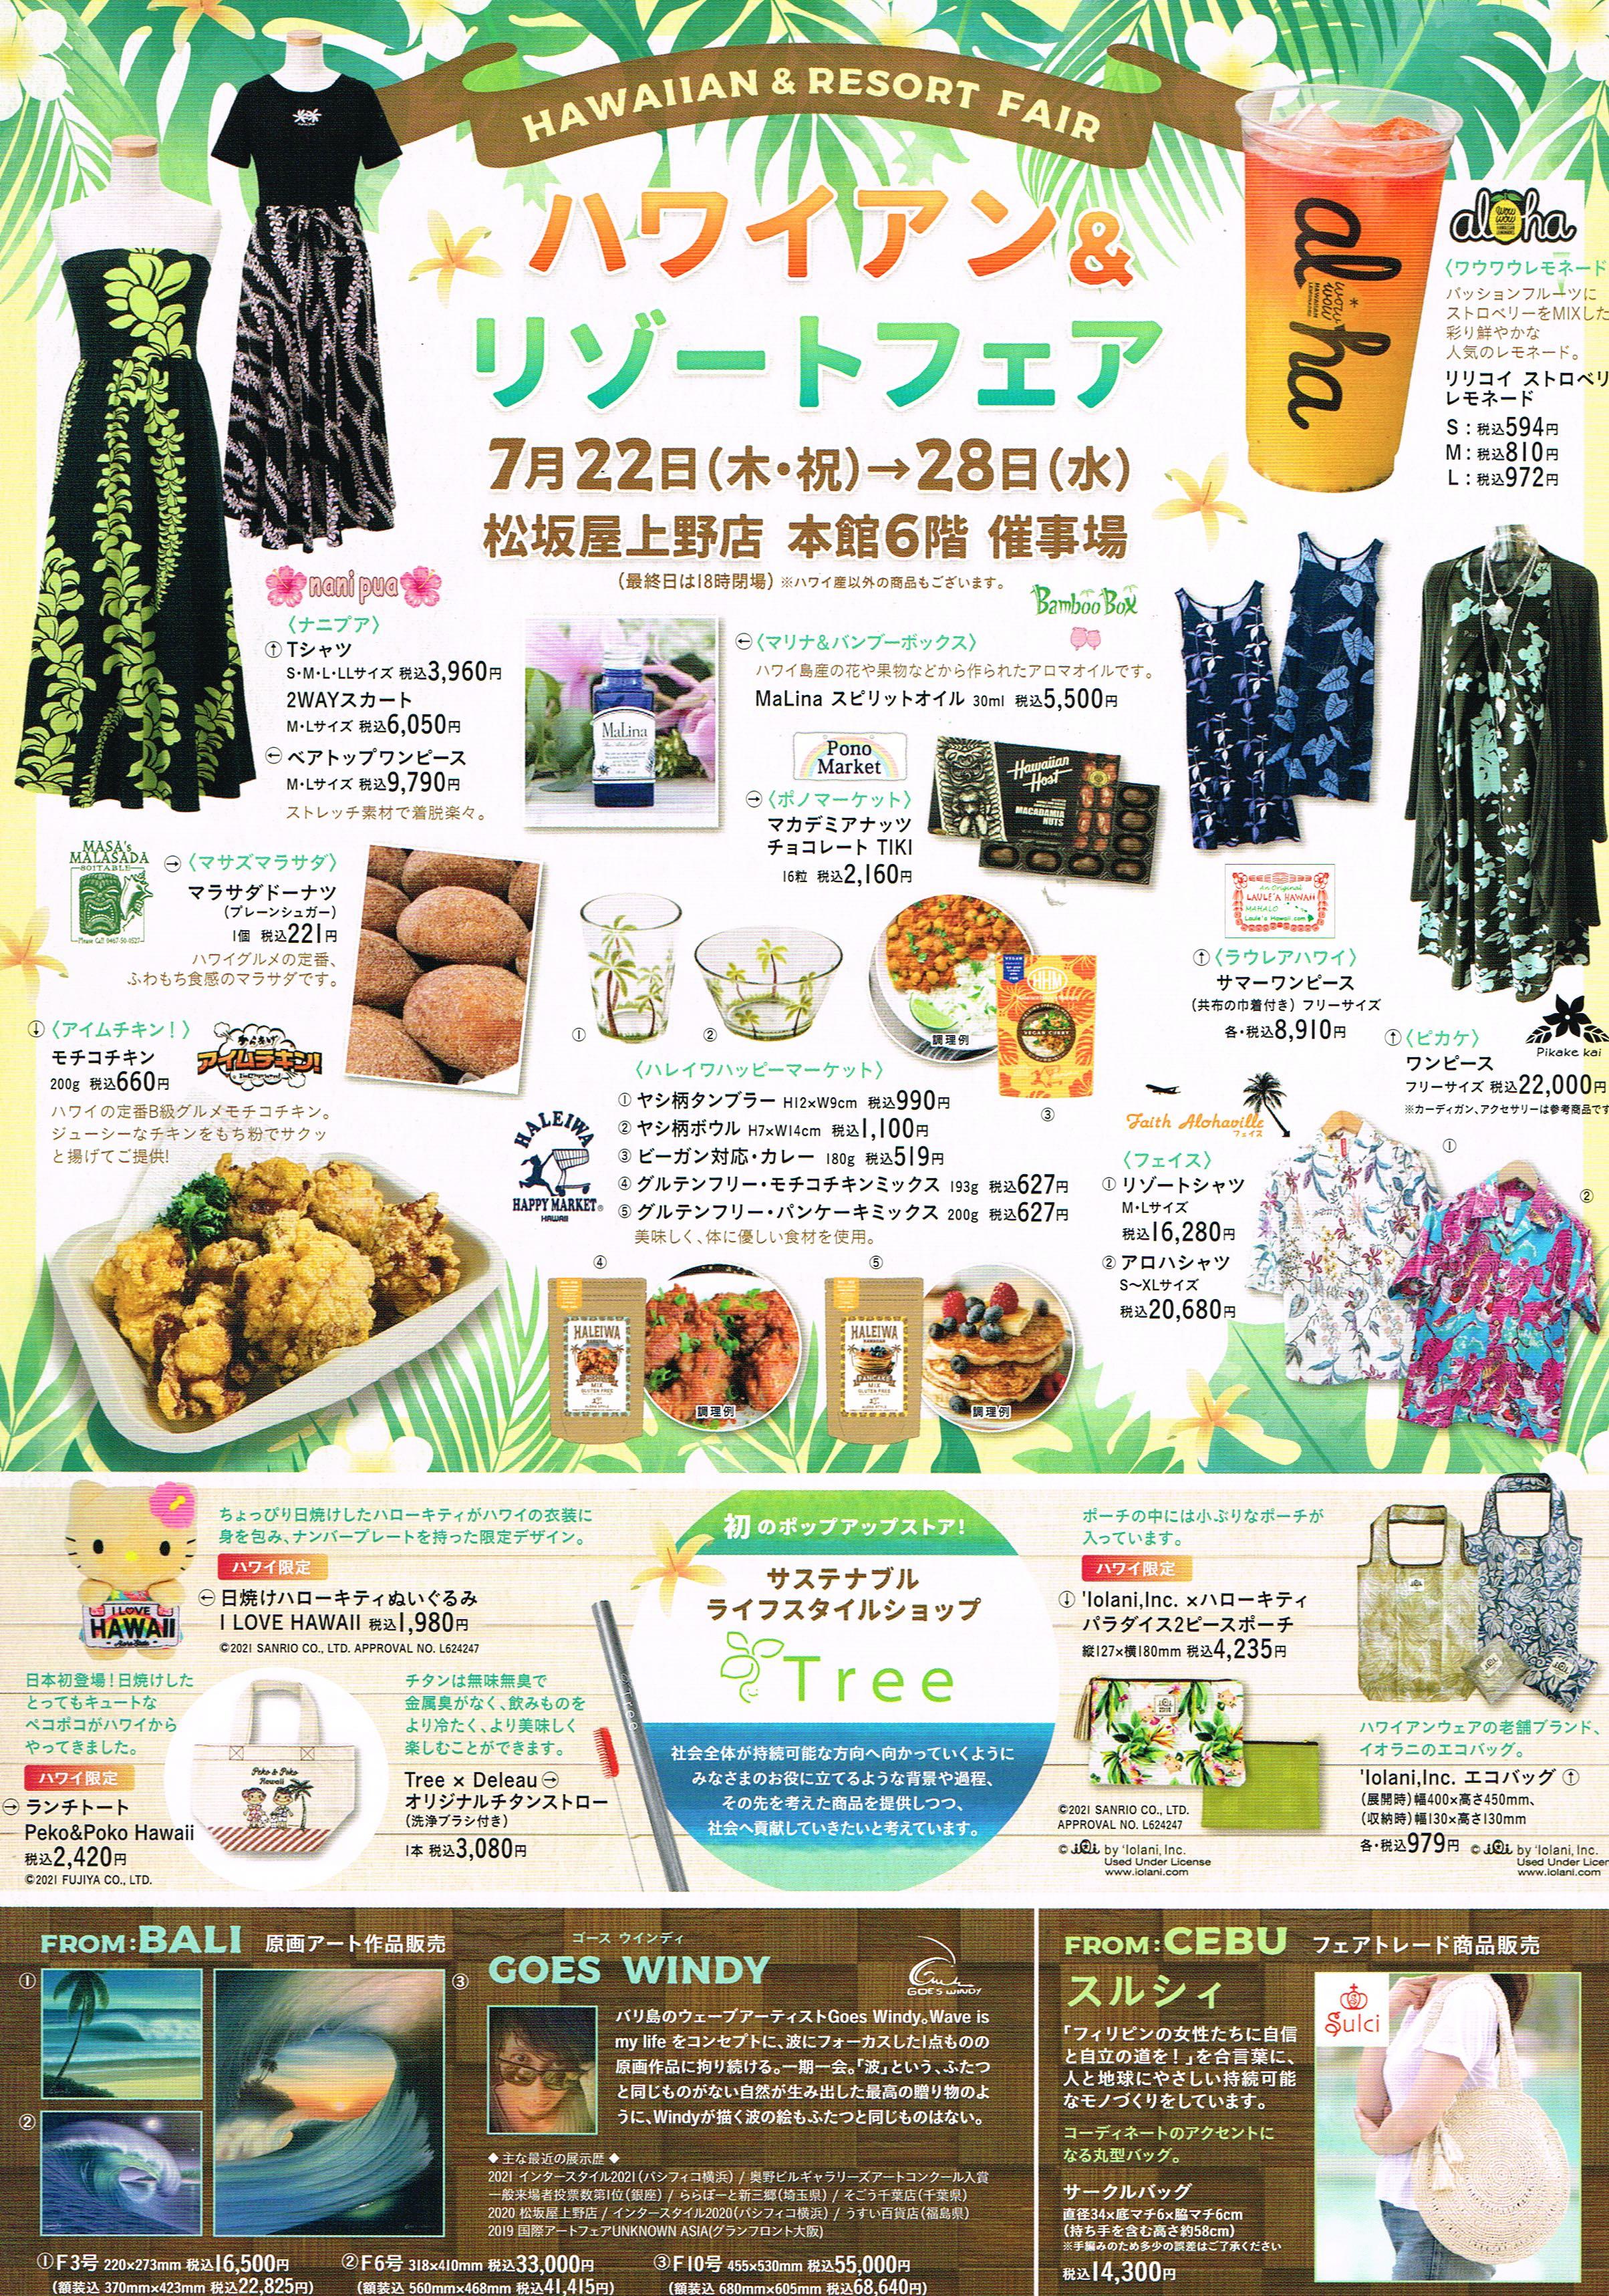 7/22(木/祝日)より松坂屋上野店6階催事場にて開催されるハワイアン&リゾートフェアに参加します!